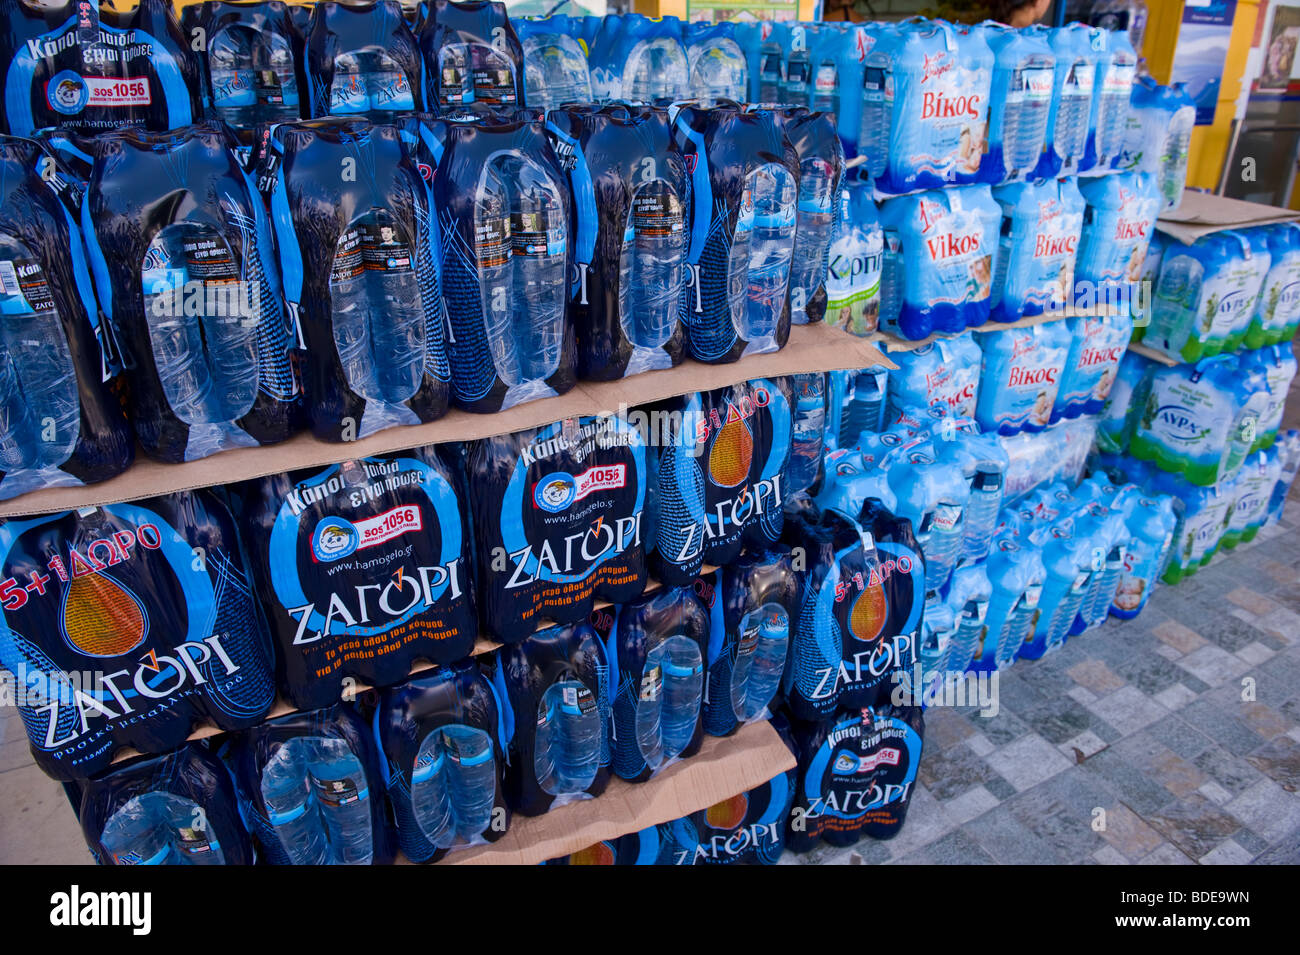 L'eau en bouteille pour la vente à Argostoli sur l'île de Céphalonie, Méditerranée Photo Stock